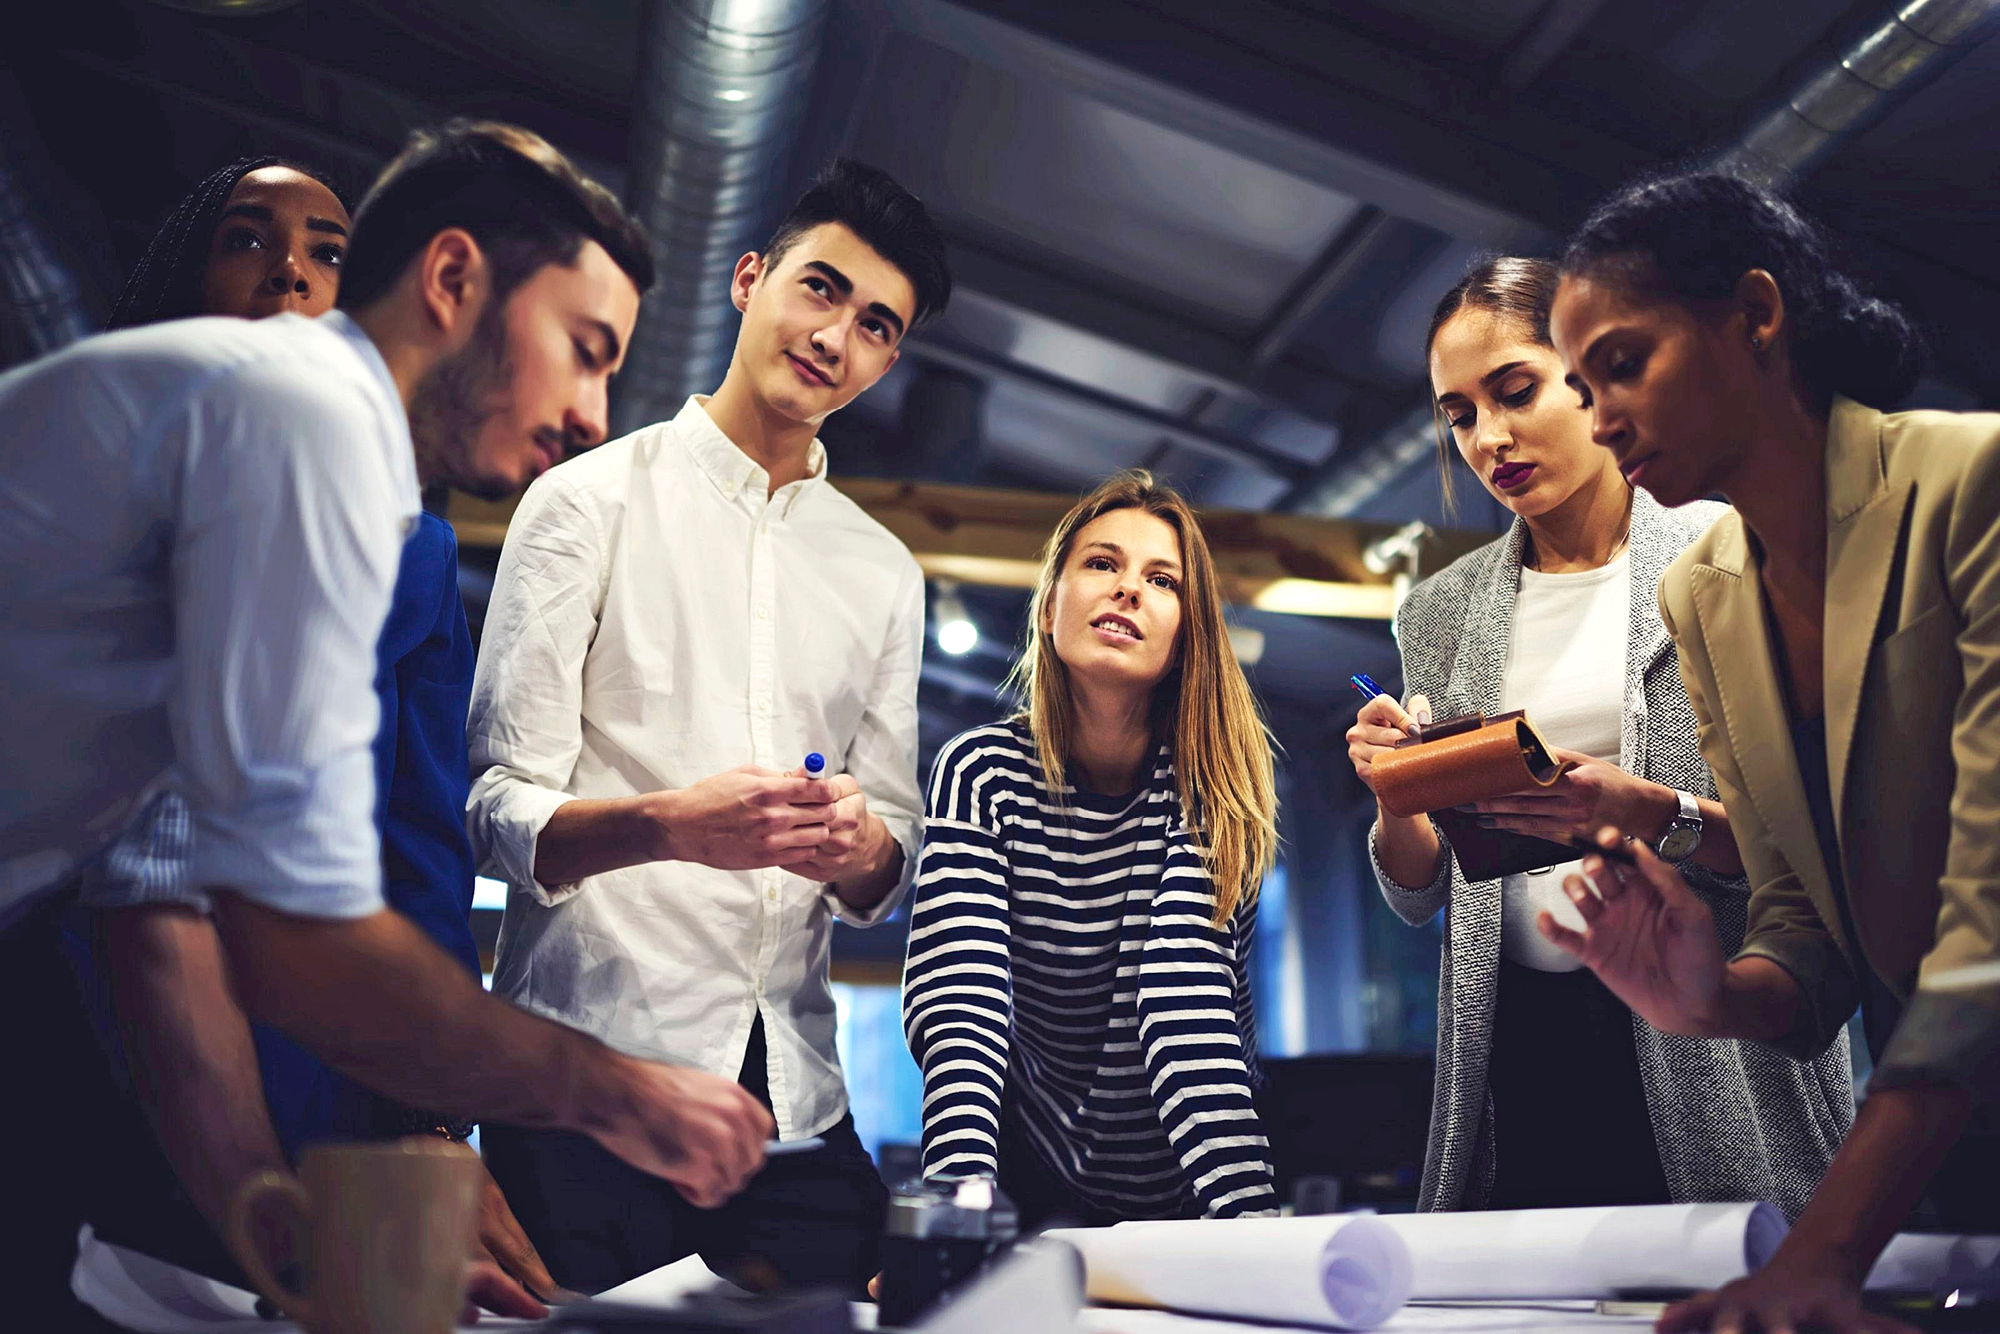 Jobs in Finland tarjoaa suomalaisille yrityksille kanavan löytää eri alojen osaajia myös ulkomailta ja toisin päin.